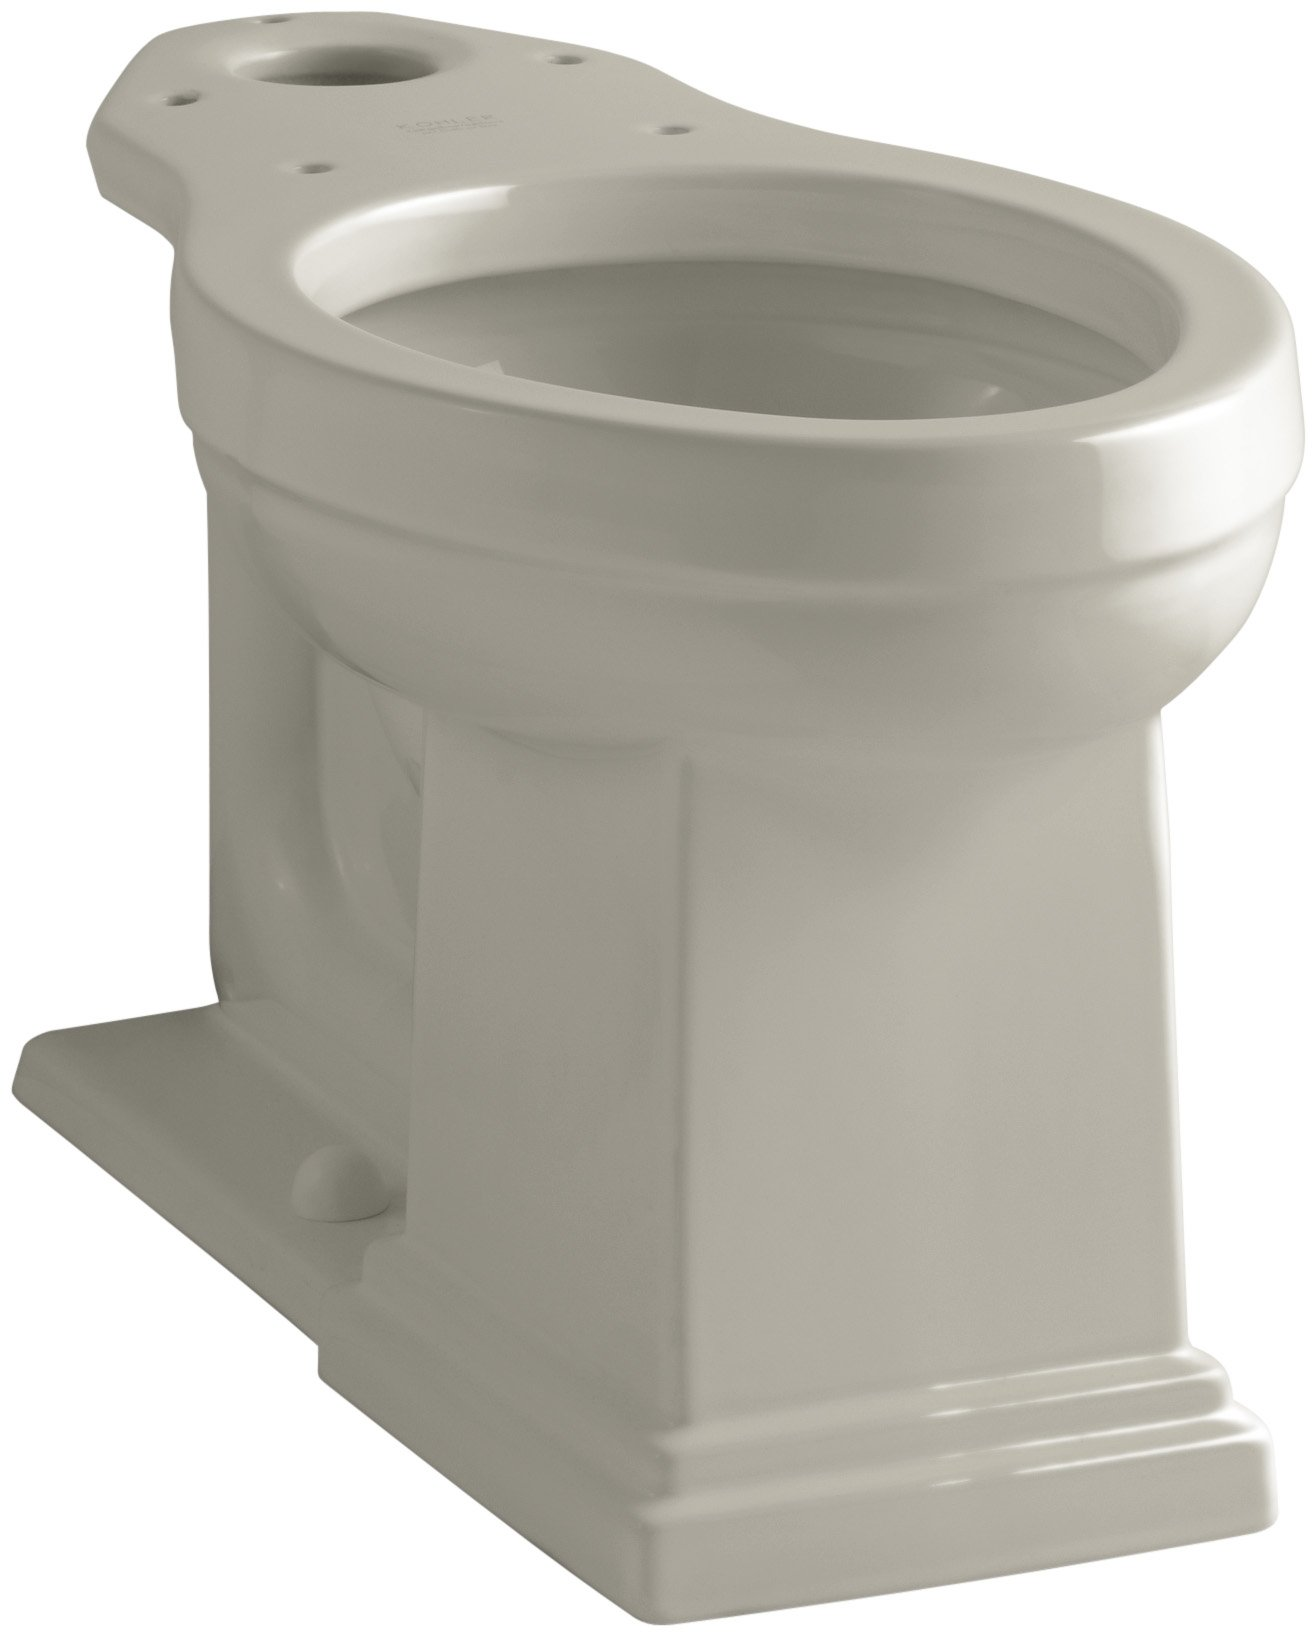 Kohler K-4799-G9 Tresham Comfort Height Elongated Toilet Bowl, Sandbar by Kohler